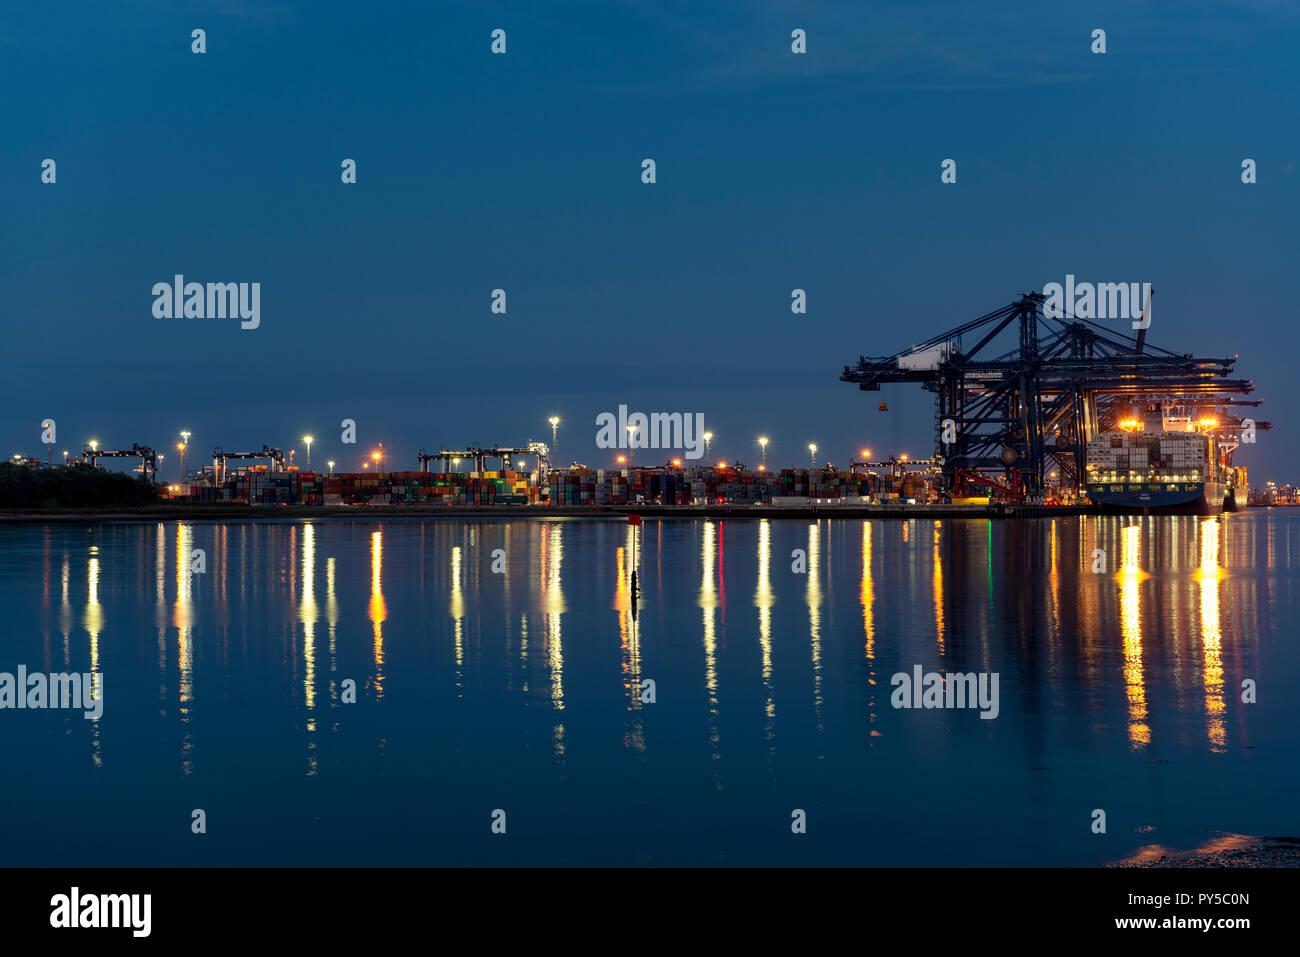 Port of Felixstowe, Suffolk, UK. - Stock Image